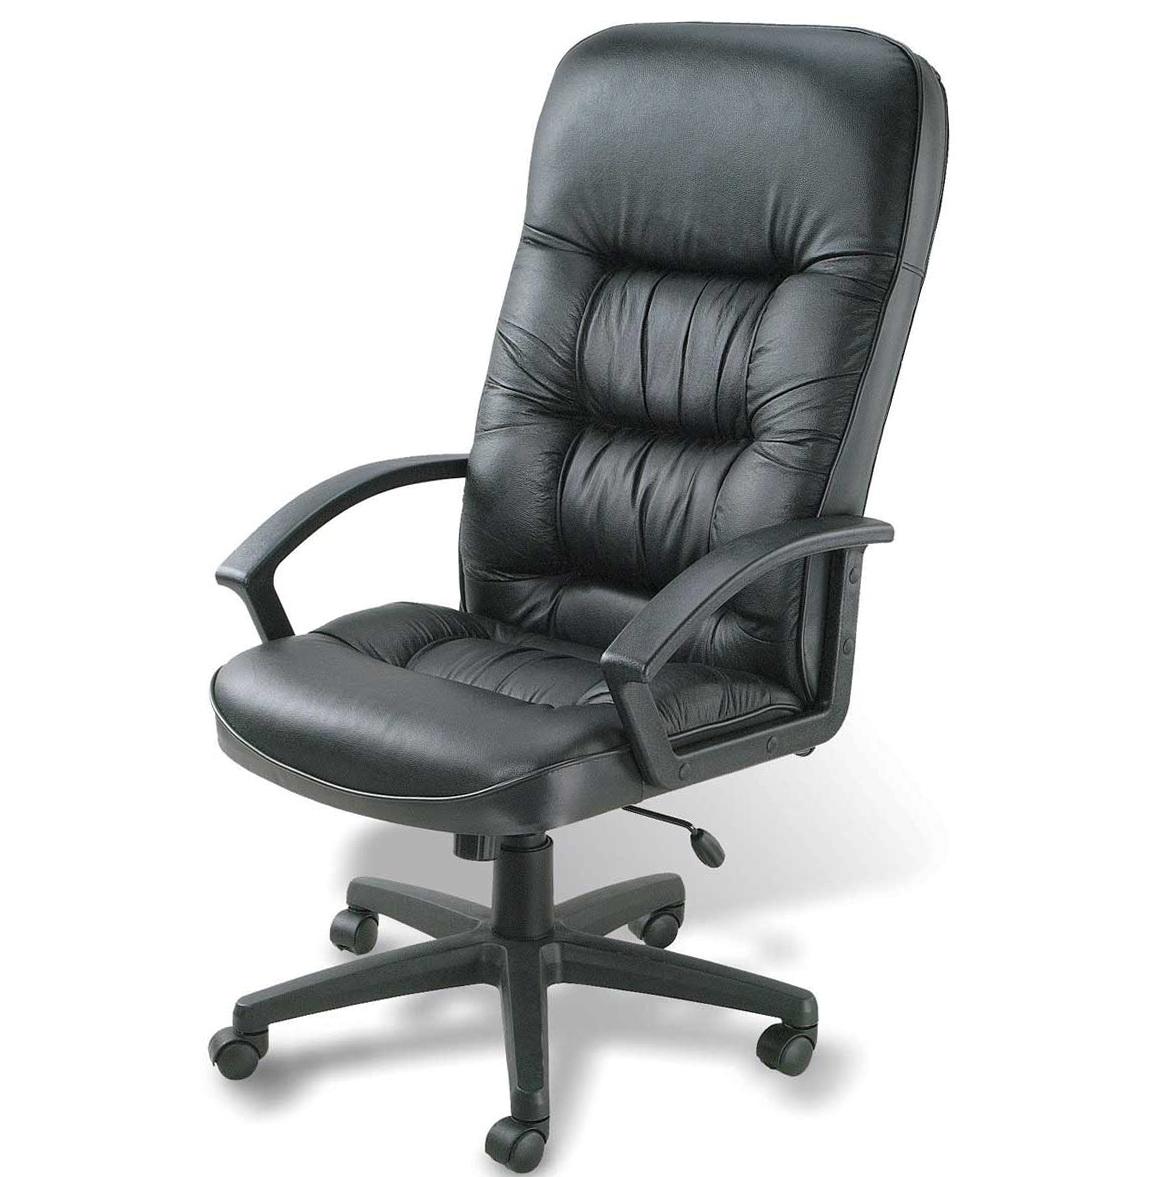 Ergonomic chair cushion for office chair home design ideas - Office chair cusion ...